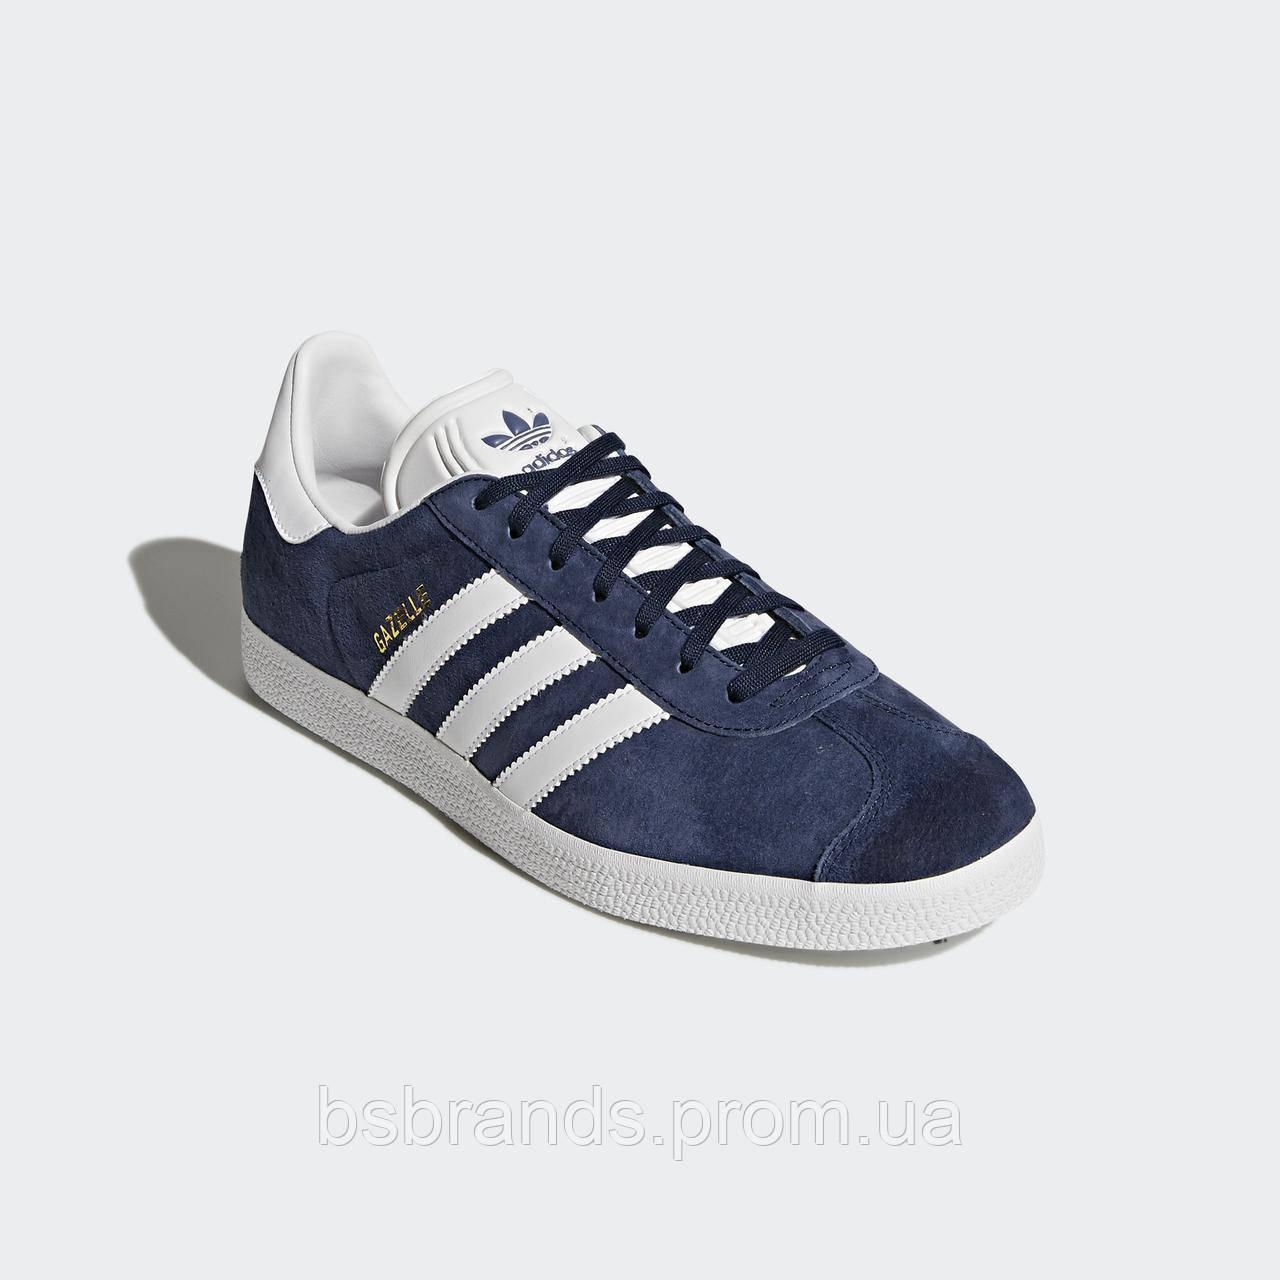 Мужские кроссовки Adidas GAZELLE - Интернет-магазин